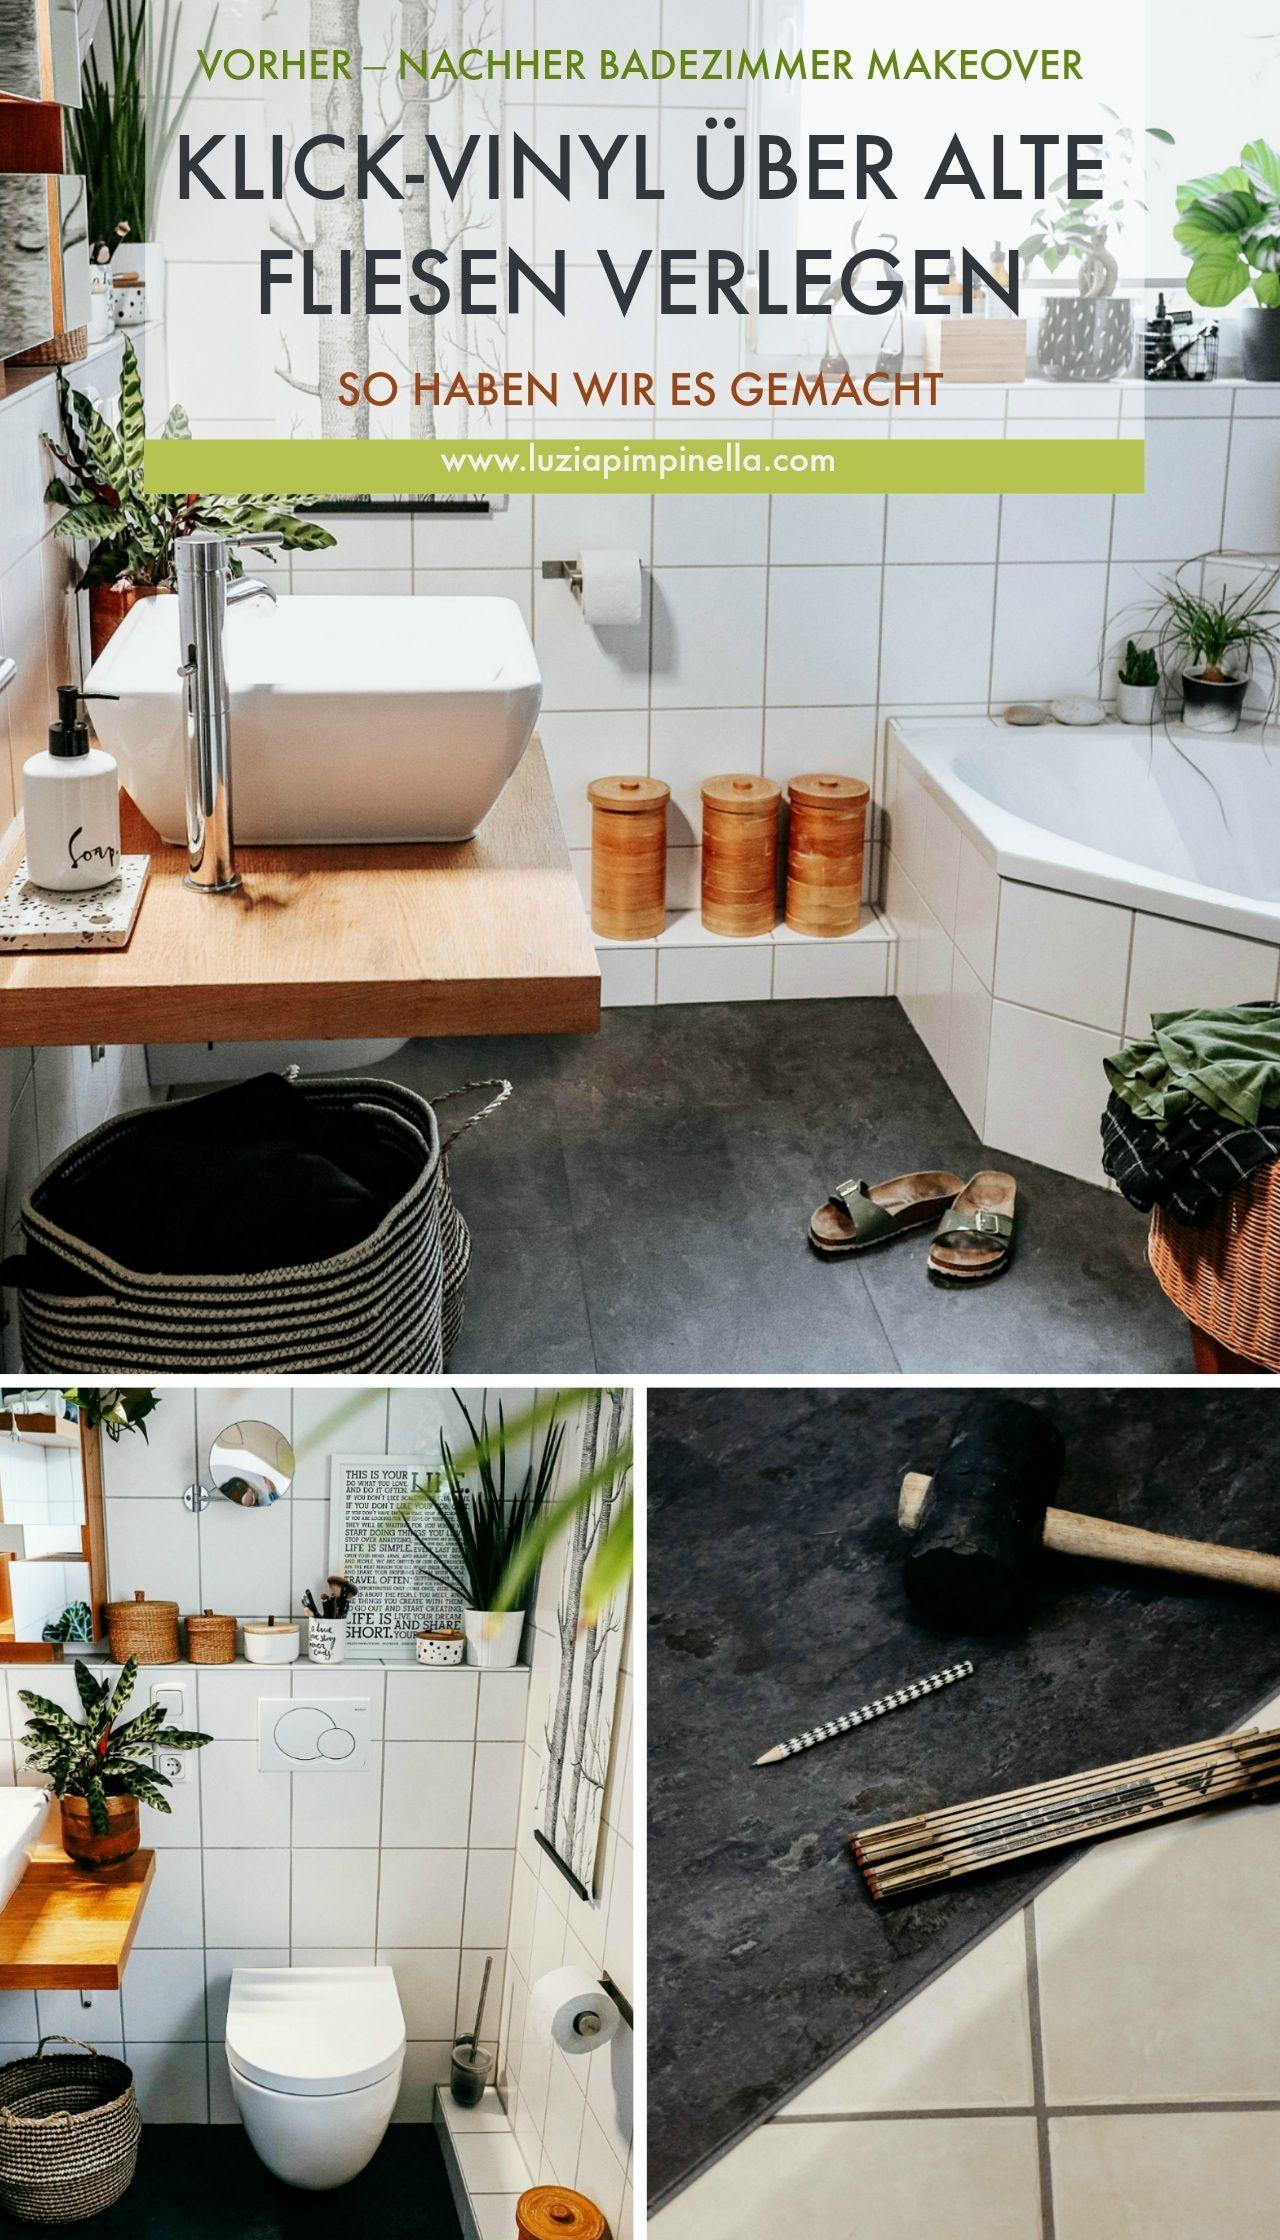 20 Badezimmer verschönern Ideen in 20   badezimmer, zimmer, pflanzen